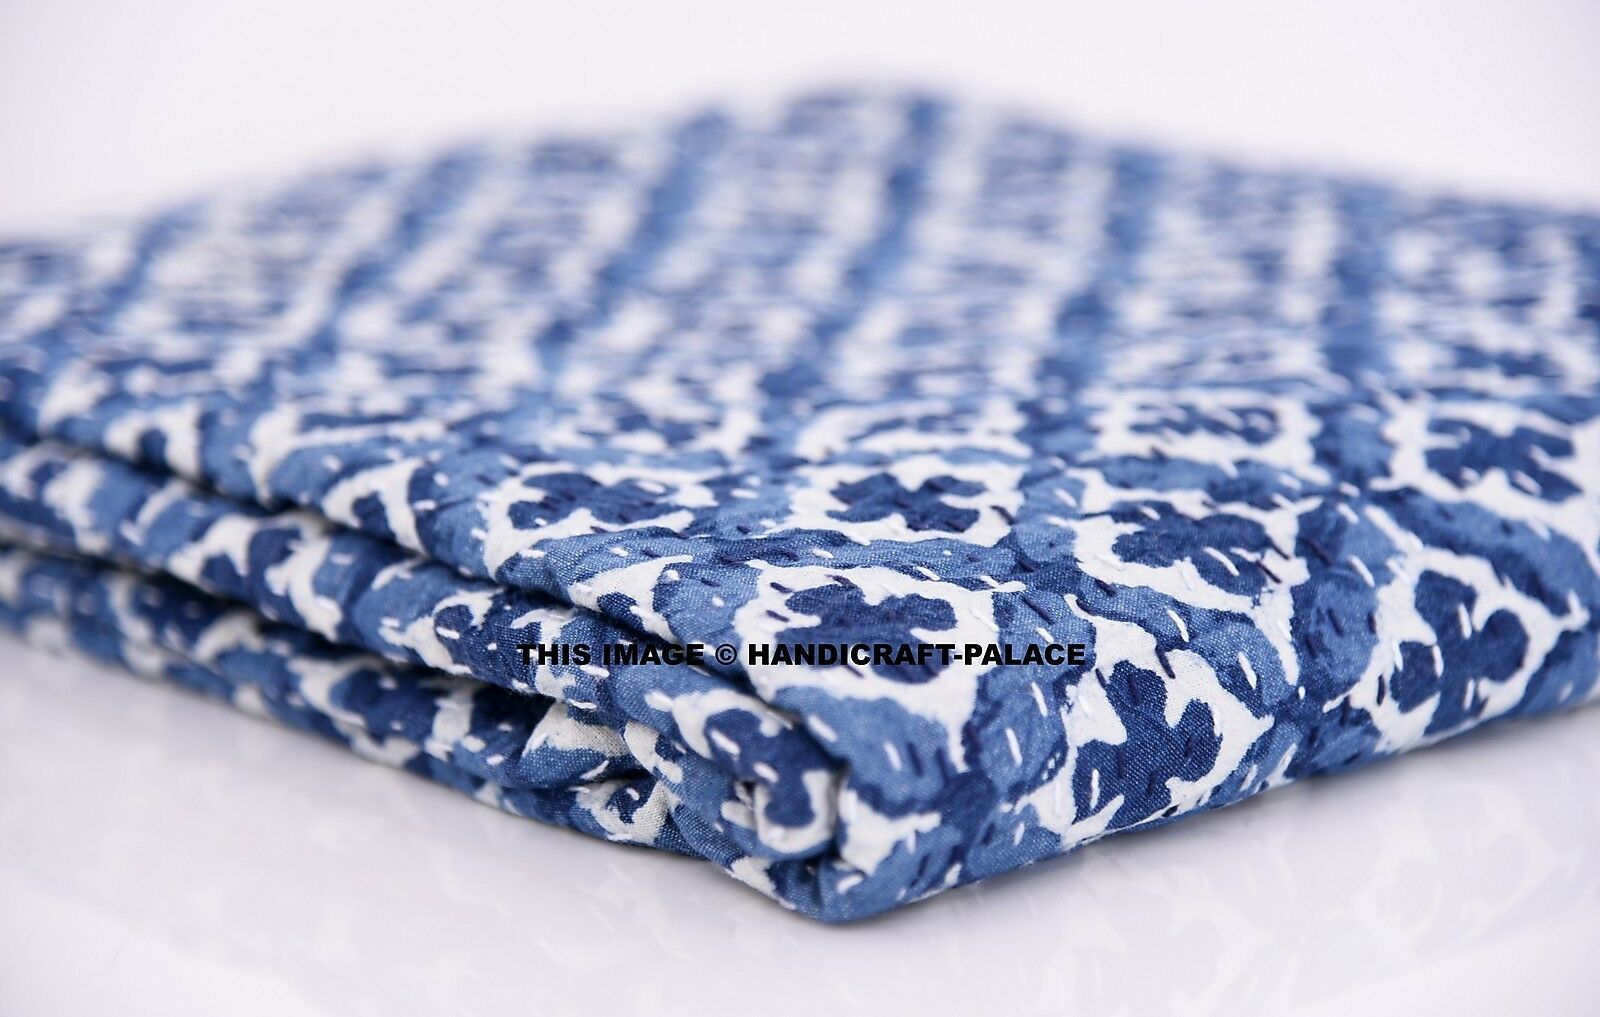 Twin Größe Kantha Bett StKunstseite indigo Blau Kantha Quilt Hand Quilted Throw Blanket